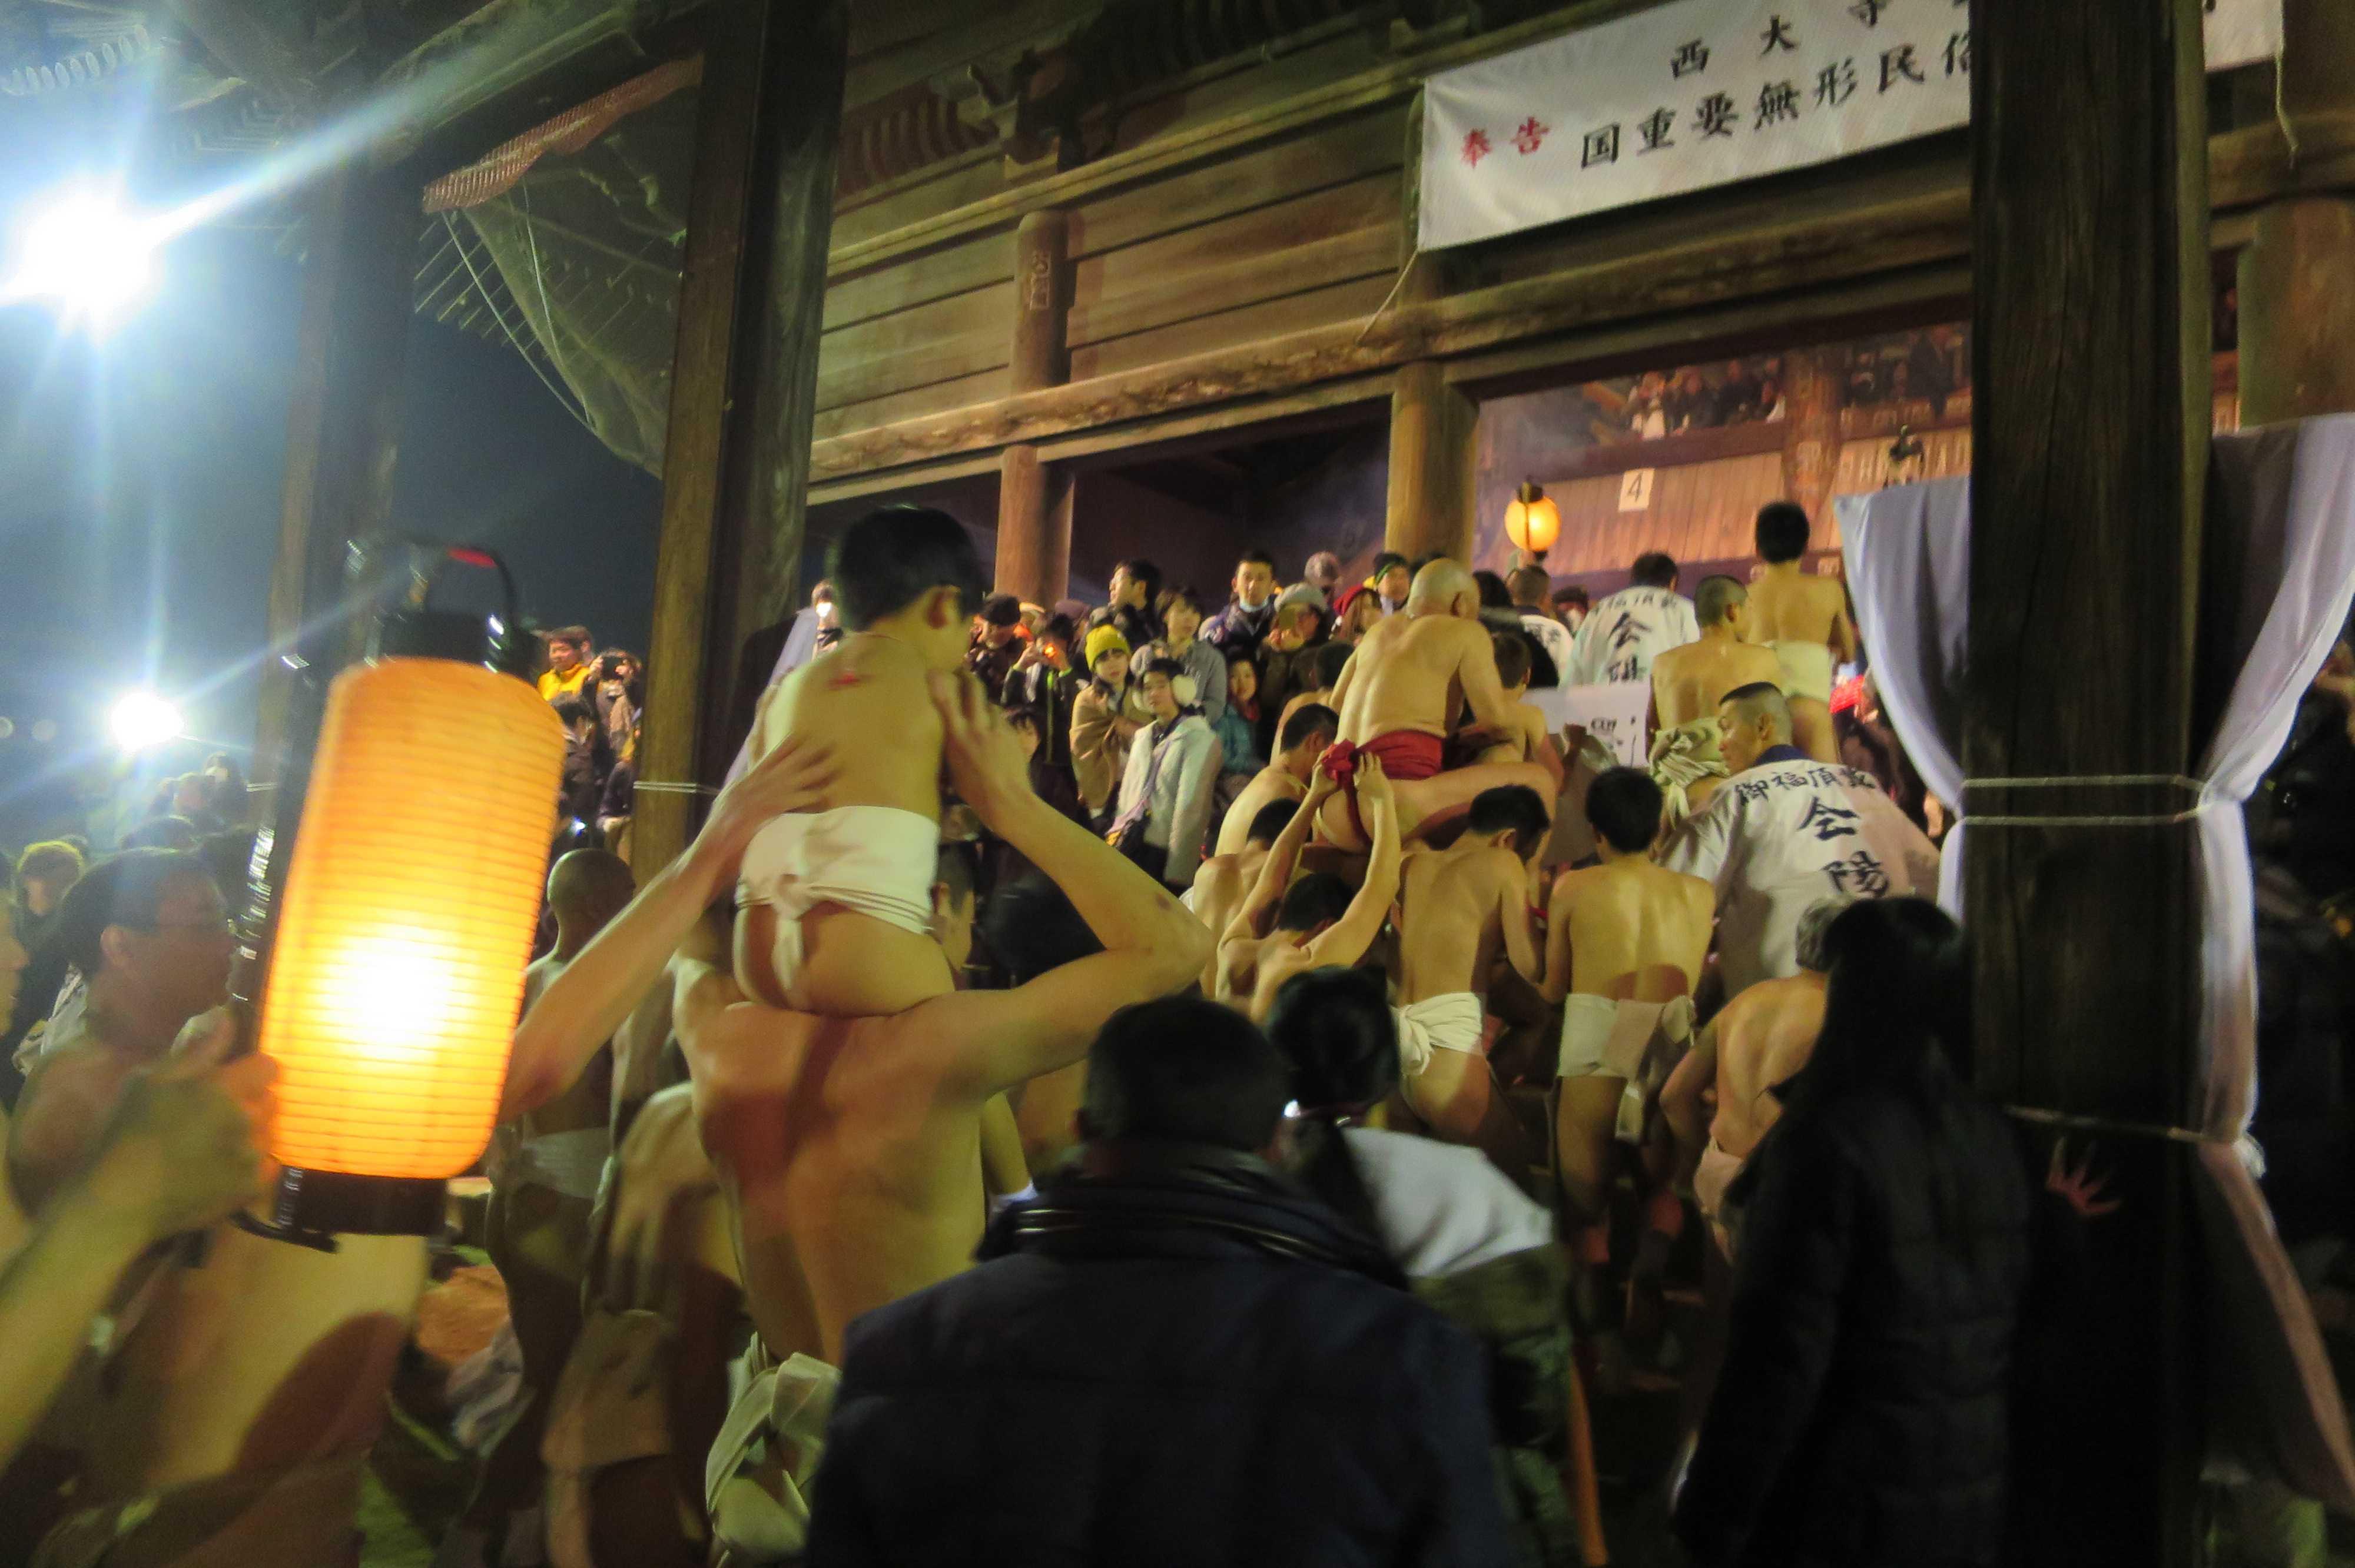 西大寺会陽 - 本堂大床に上がる林グループ